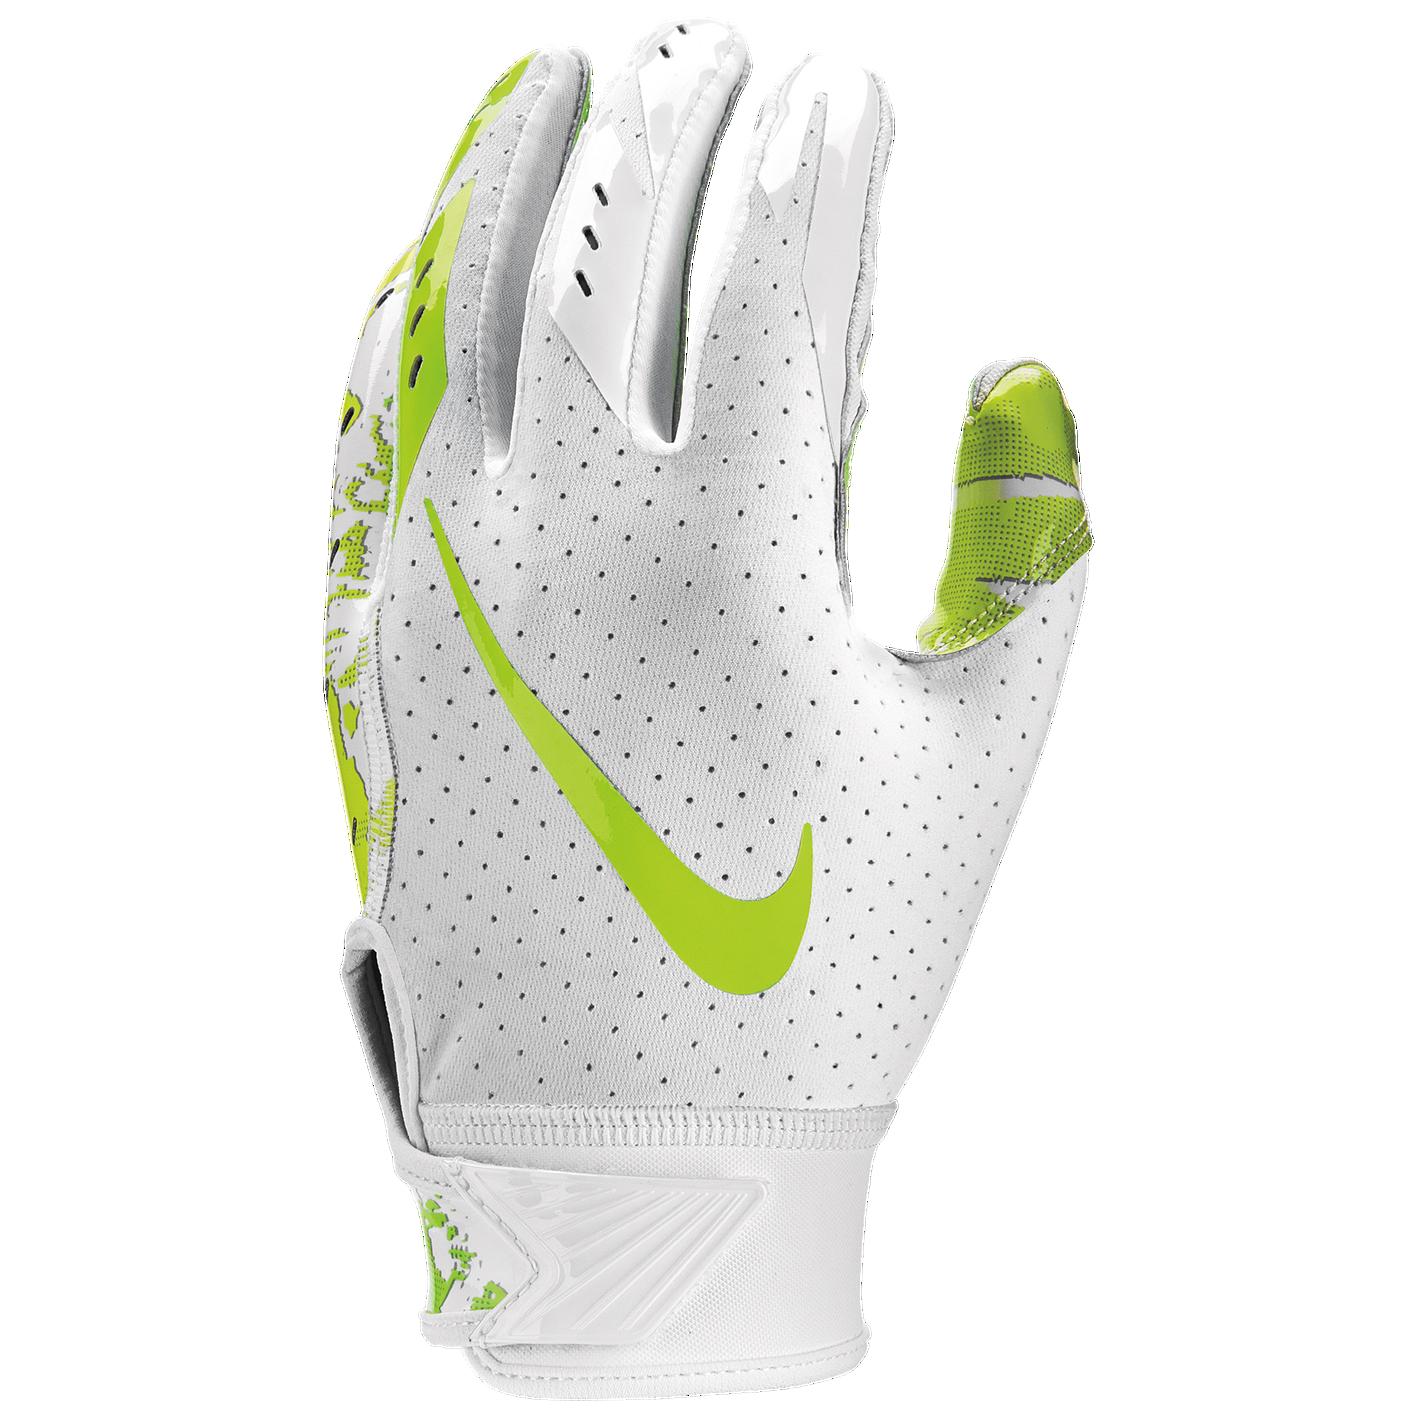 5d0cd2cb4b5 Nike Vapor Jet 5.0 Receiver Gloves - Boys  Grade School - Football ...